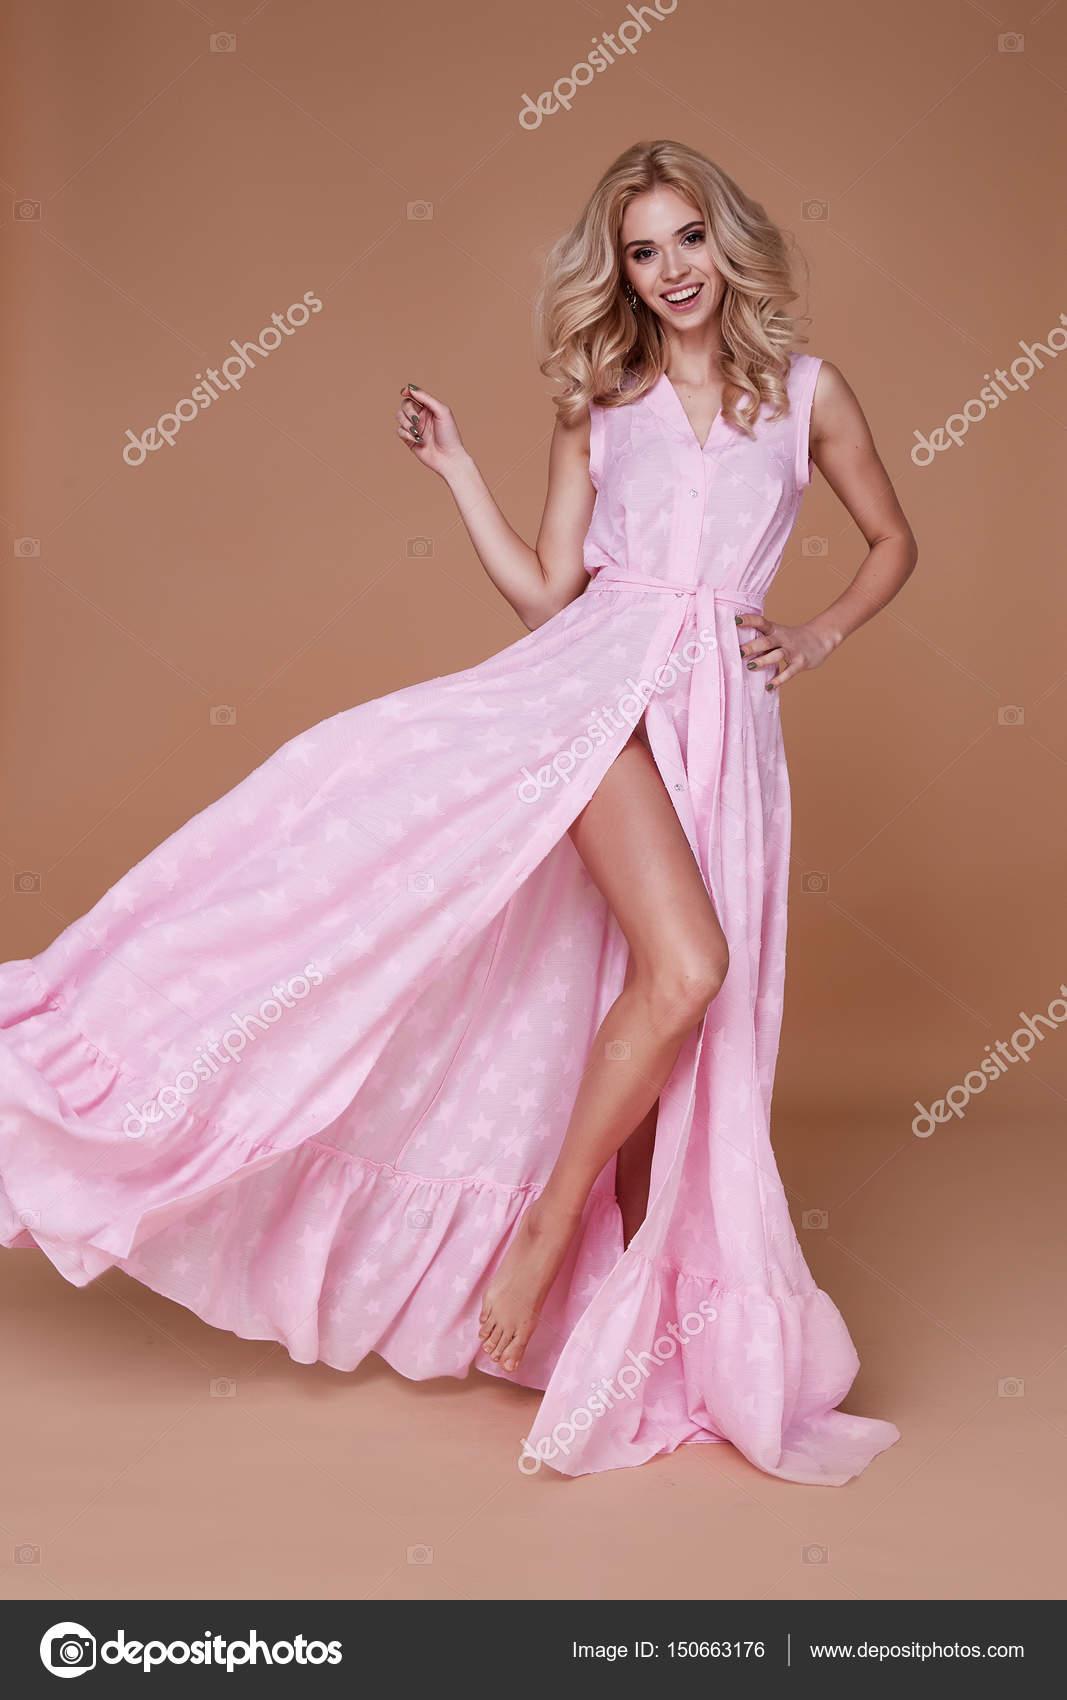 2ededcb9d6 A szexi szépség nő szép arc tan bőr baby rózsaszín selyem ruha hosszú  vékony test alakja smink kozmetikai nyári gyűjtemény stúdió katalógus szőke  göndör ...